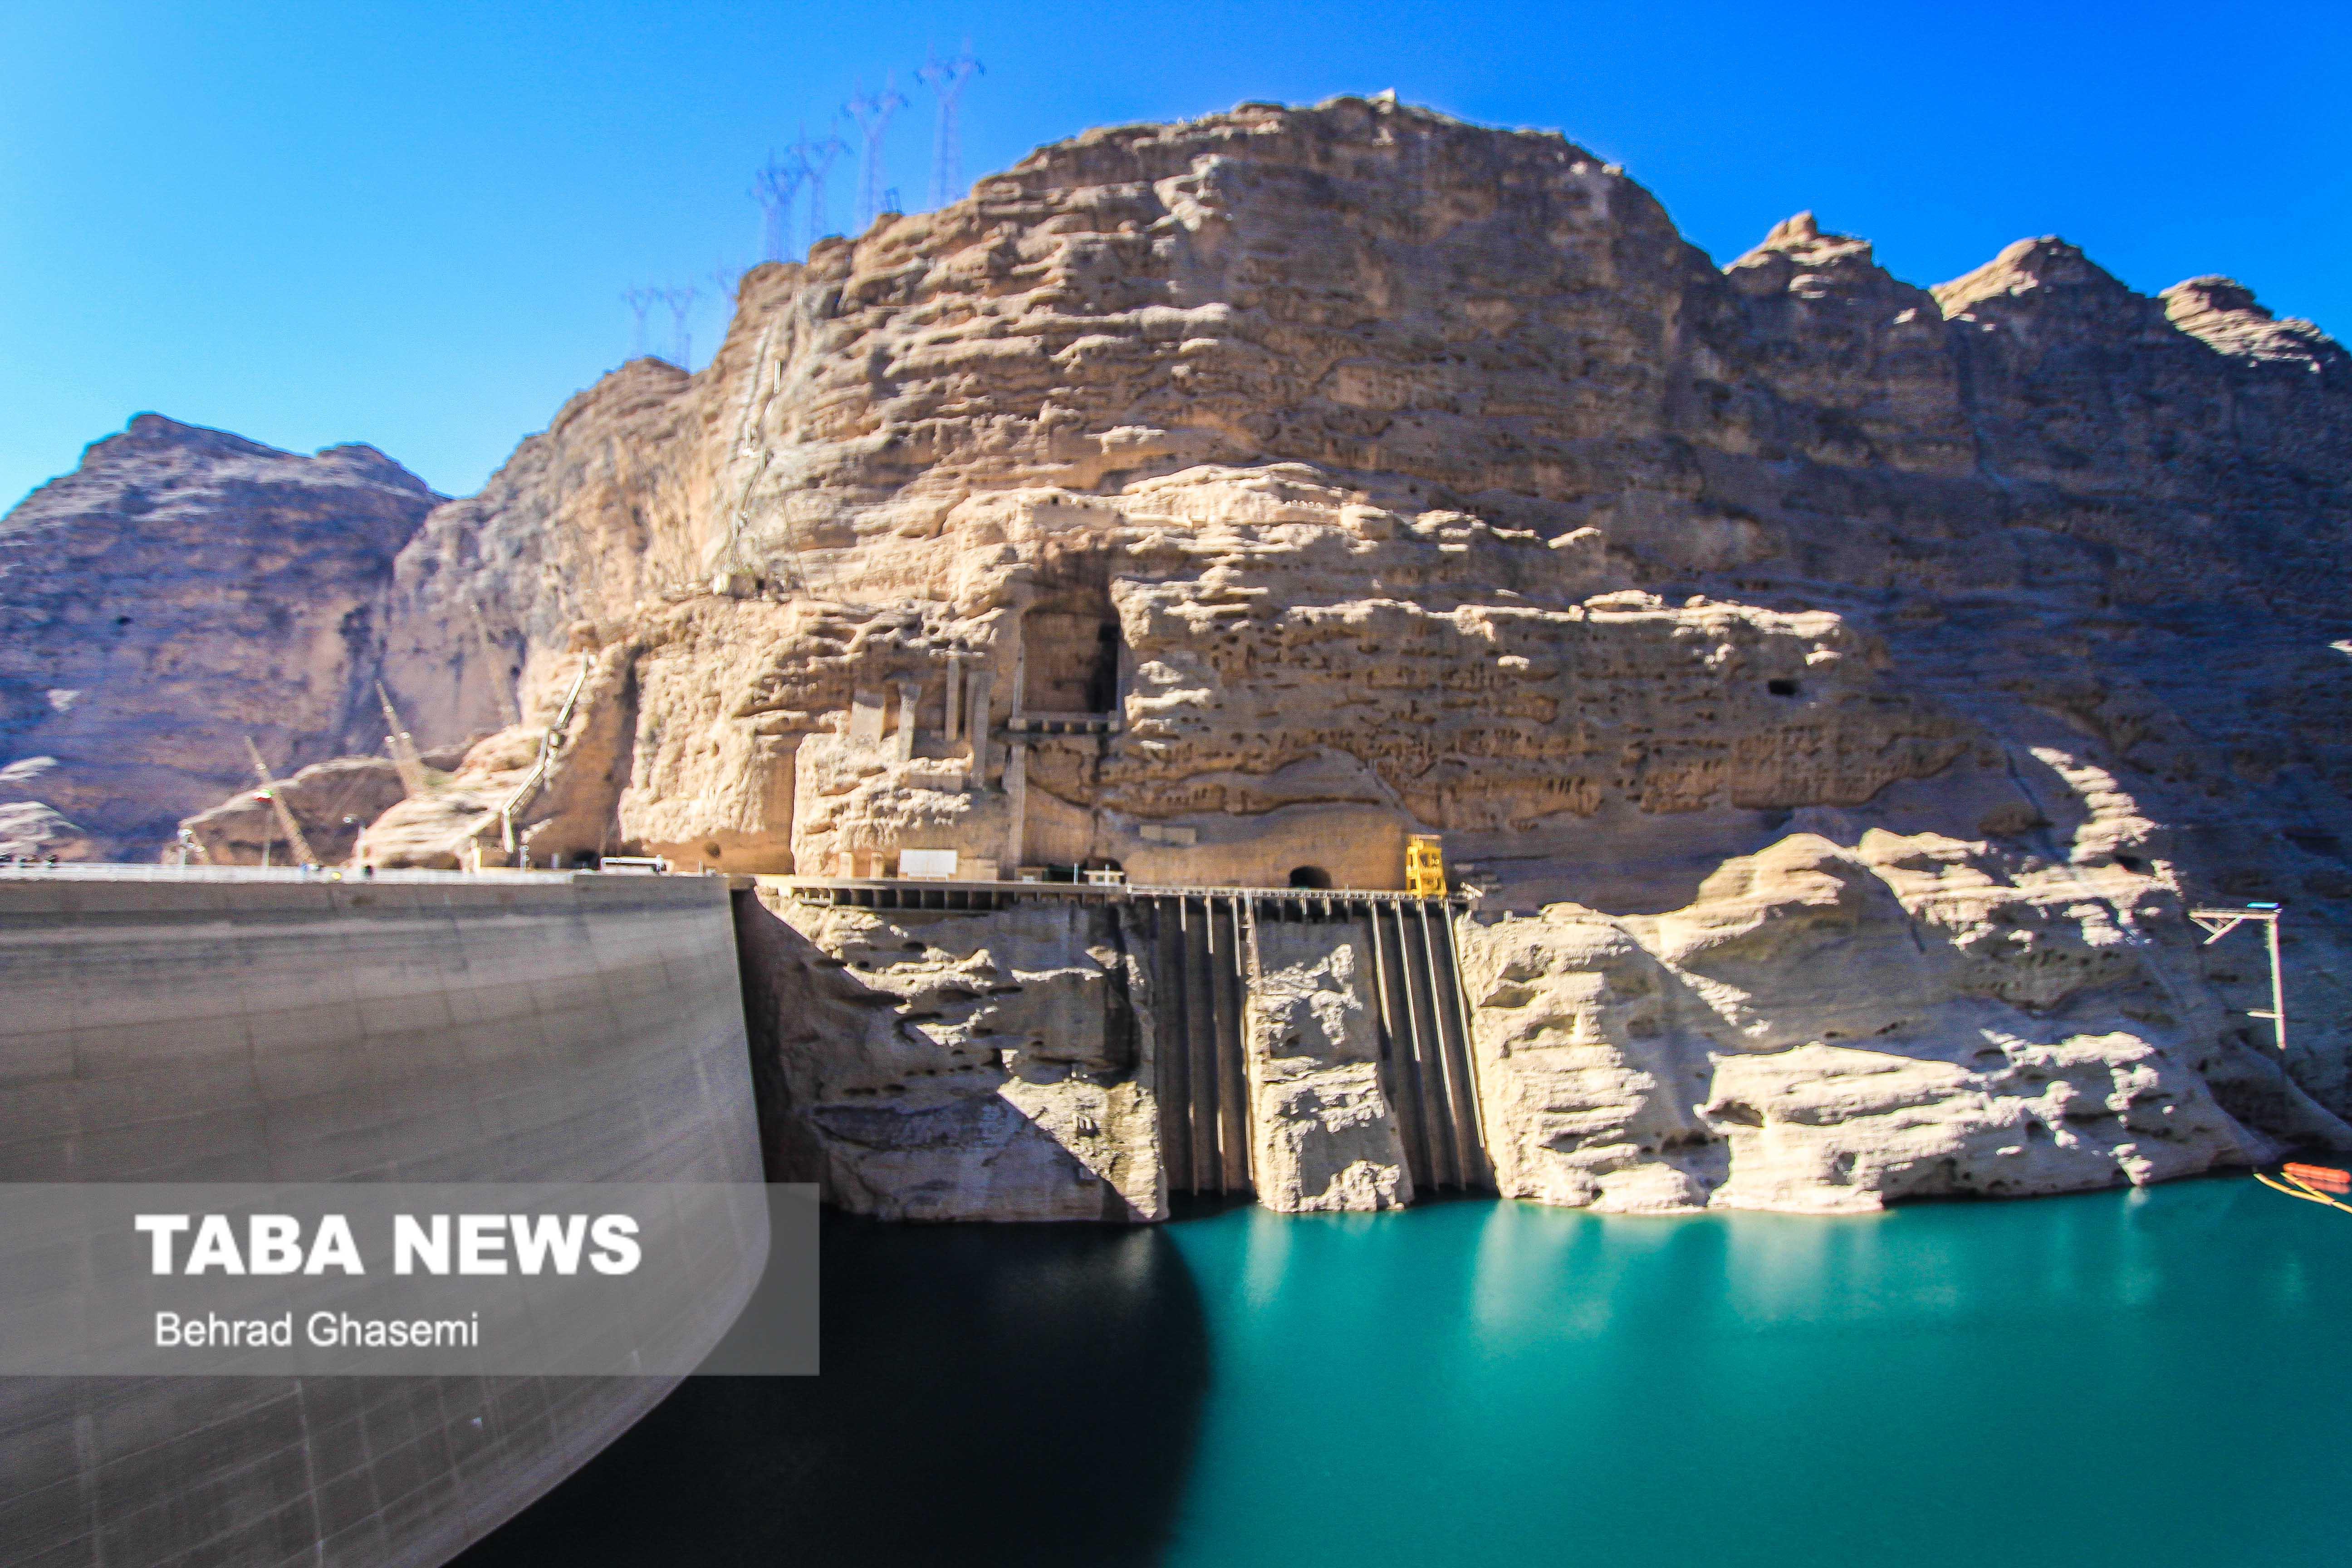 افزایش۴۲۰ میلیون متر مکعب حجم ذخایر مخازن سدهای خوزستان